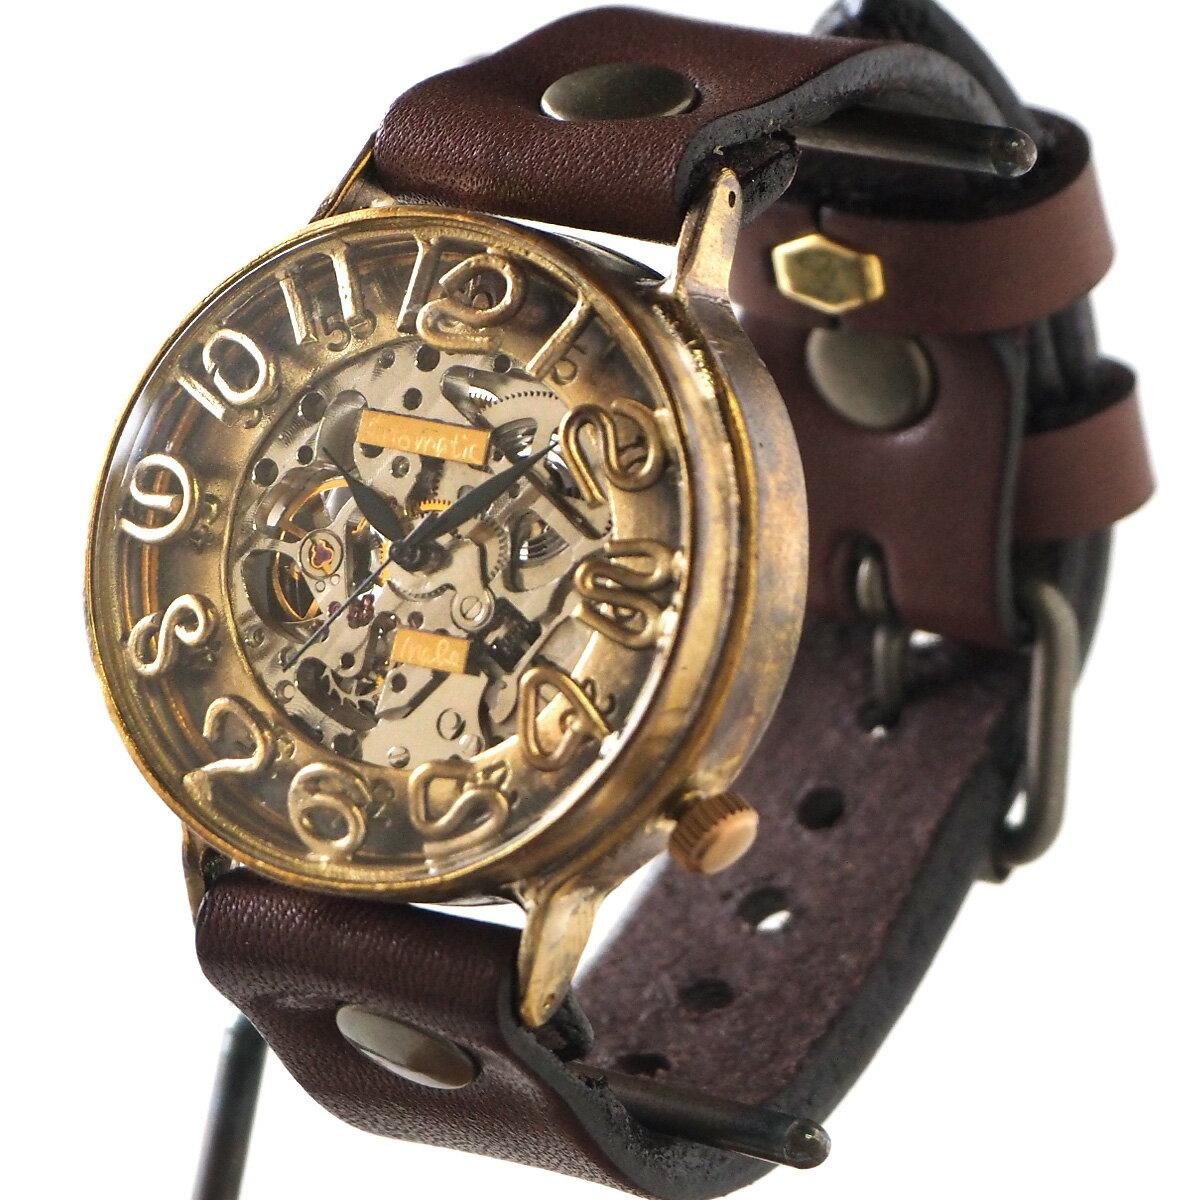 渡辺工房 手作り腕時計 自動巻 裏スケルトン ジャンボブラス 42mm ノーマルベルト [NW-BAM040-N] 時計作家・渡辺正明さん ハンドメイドウォッチ ハンドメイド腕時計 手作り時計 ビッグフェイス メンズ レディース 本革ベルト レトロ アナログ 日本製 刻印・名入れ無料